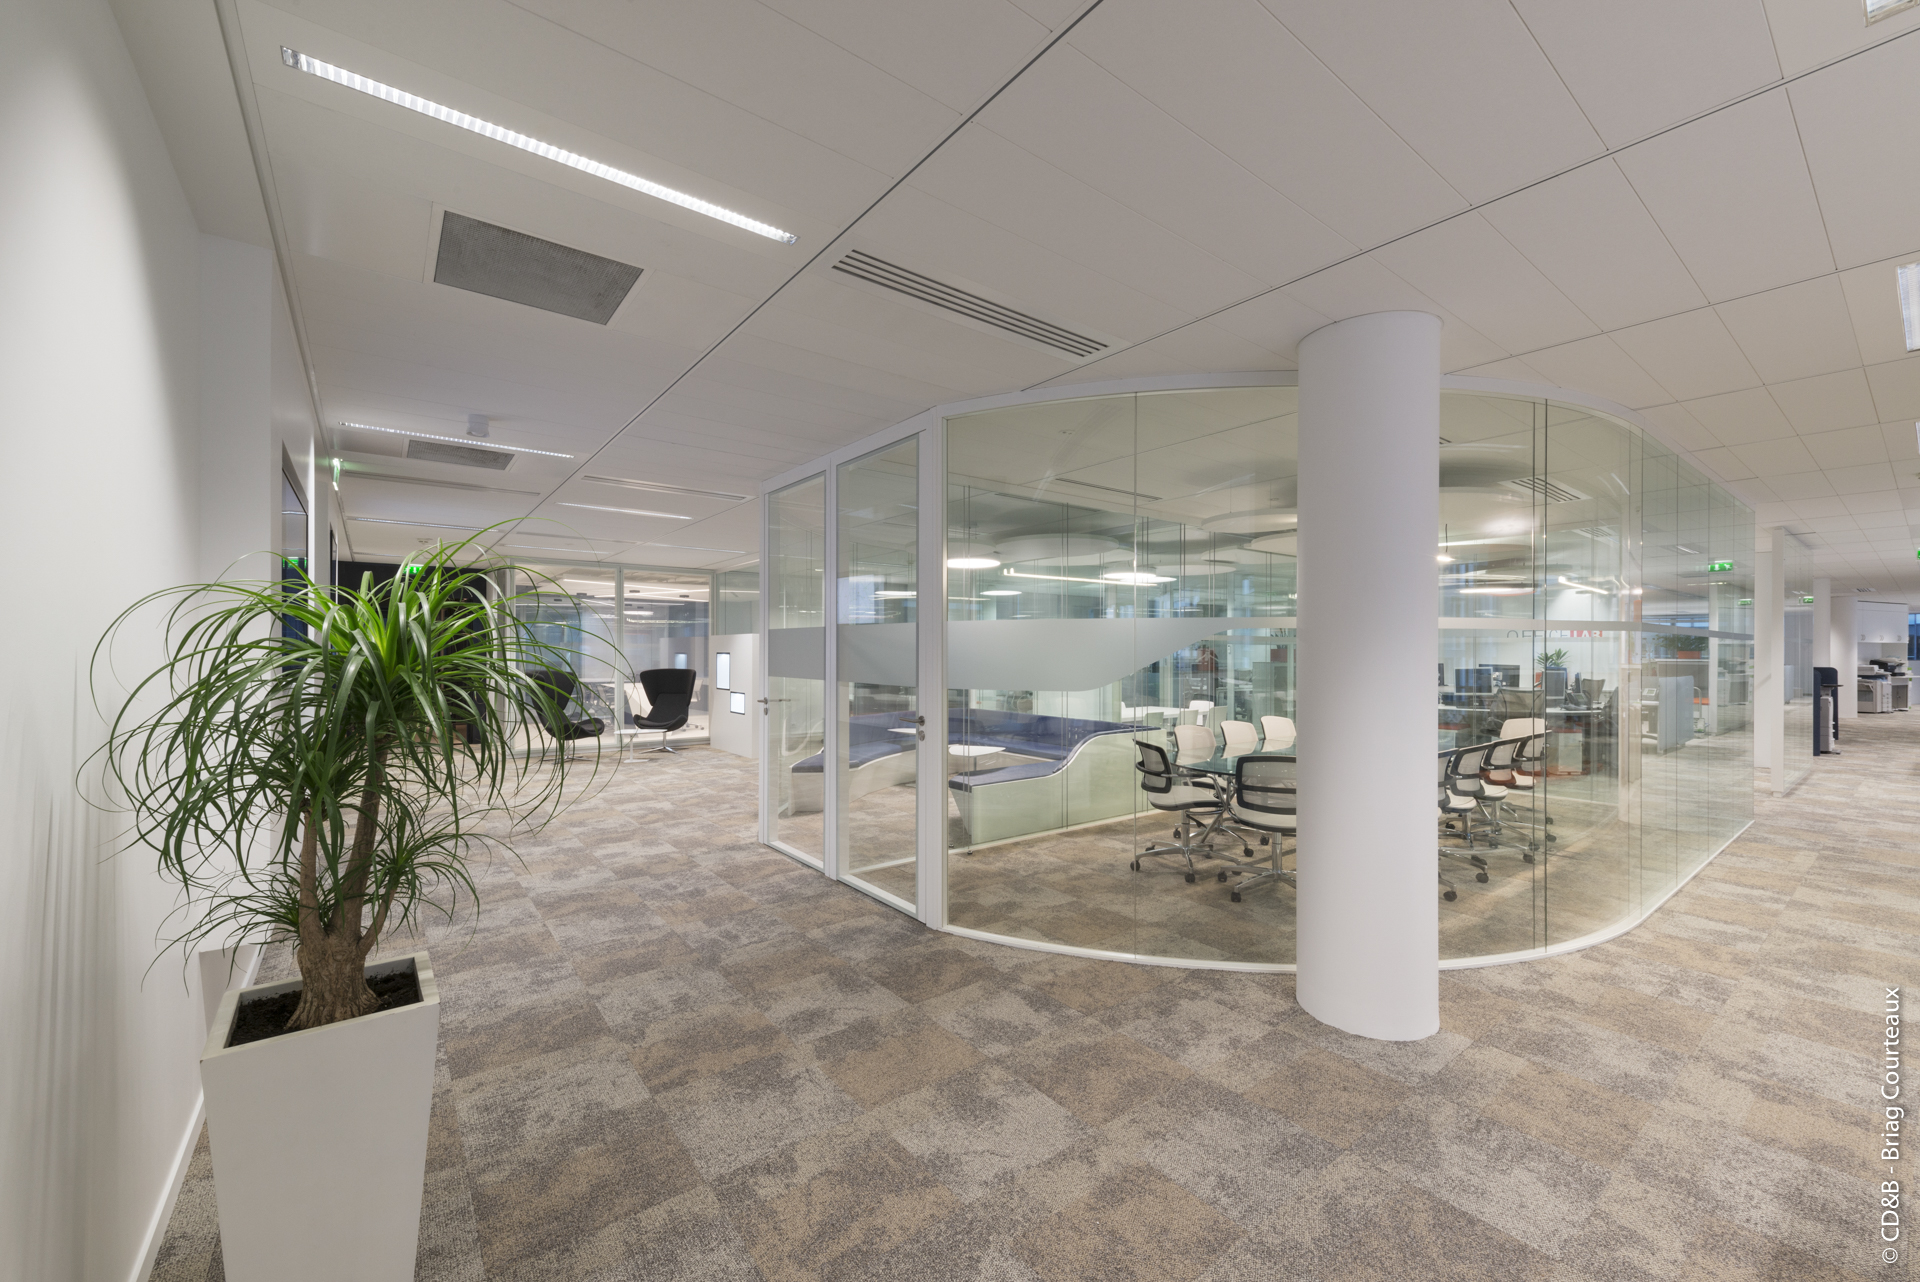 Conseil, aménagement, conception et réalisation des espaces de la société BNP Paribas Real Estate par CDB, Meet you there.